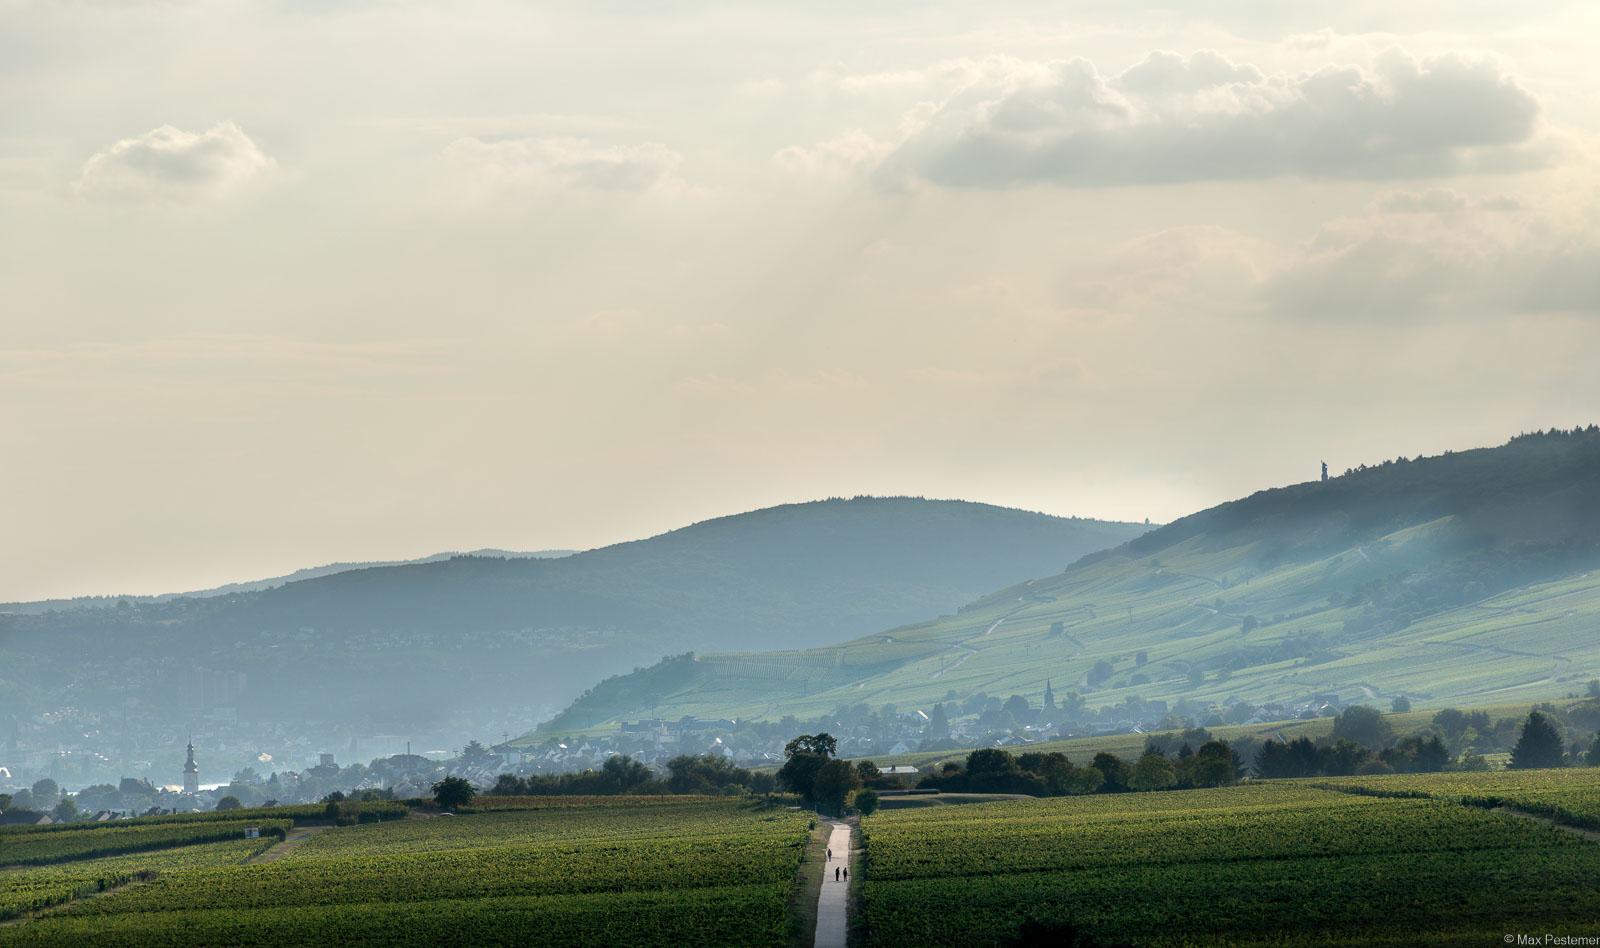 Auf dem Bild sind unten und im Hintergrund die Weinberge des Rheingau erkennbar. Am grauen Himmel befinden sich oben einige Wolken. Links unten im Bilden erkennt man den Rüdesheim an Rhein und einen Kirchturm. Das Bild wurde mit Bezug zu Bela Hamvas aufgenommen.